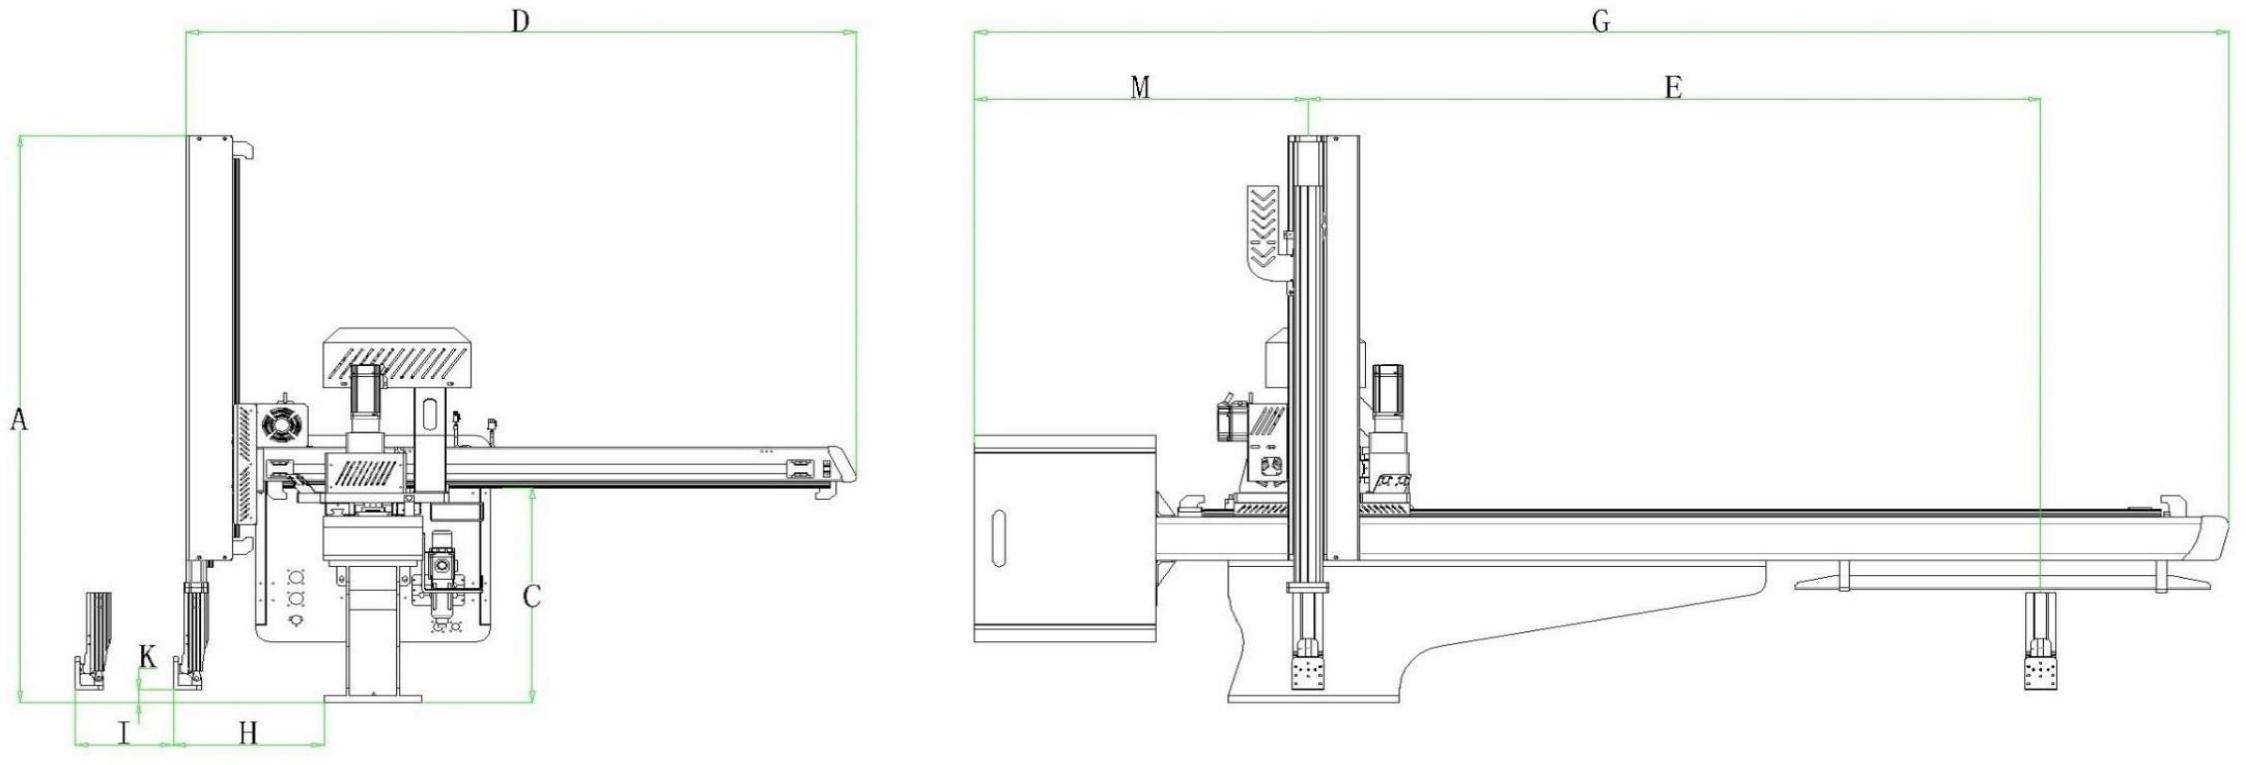 5-Achsen-Manipulator